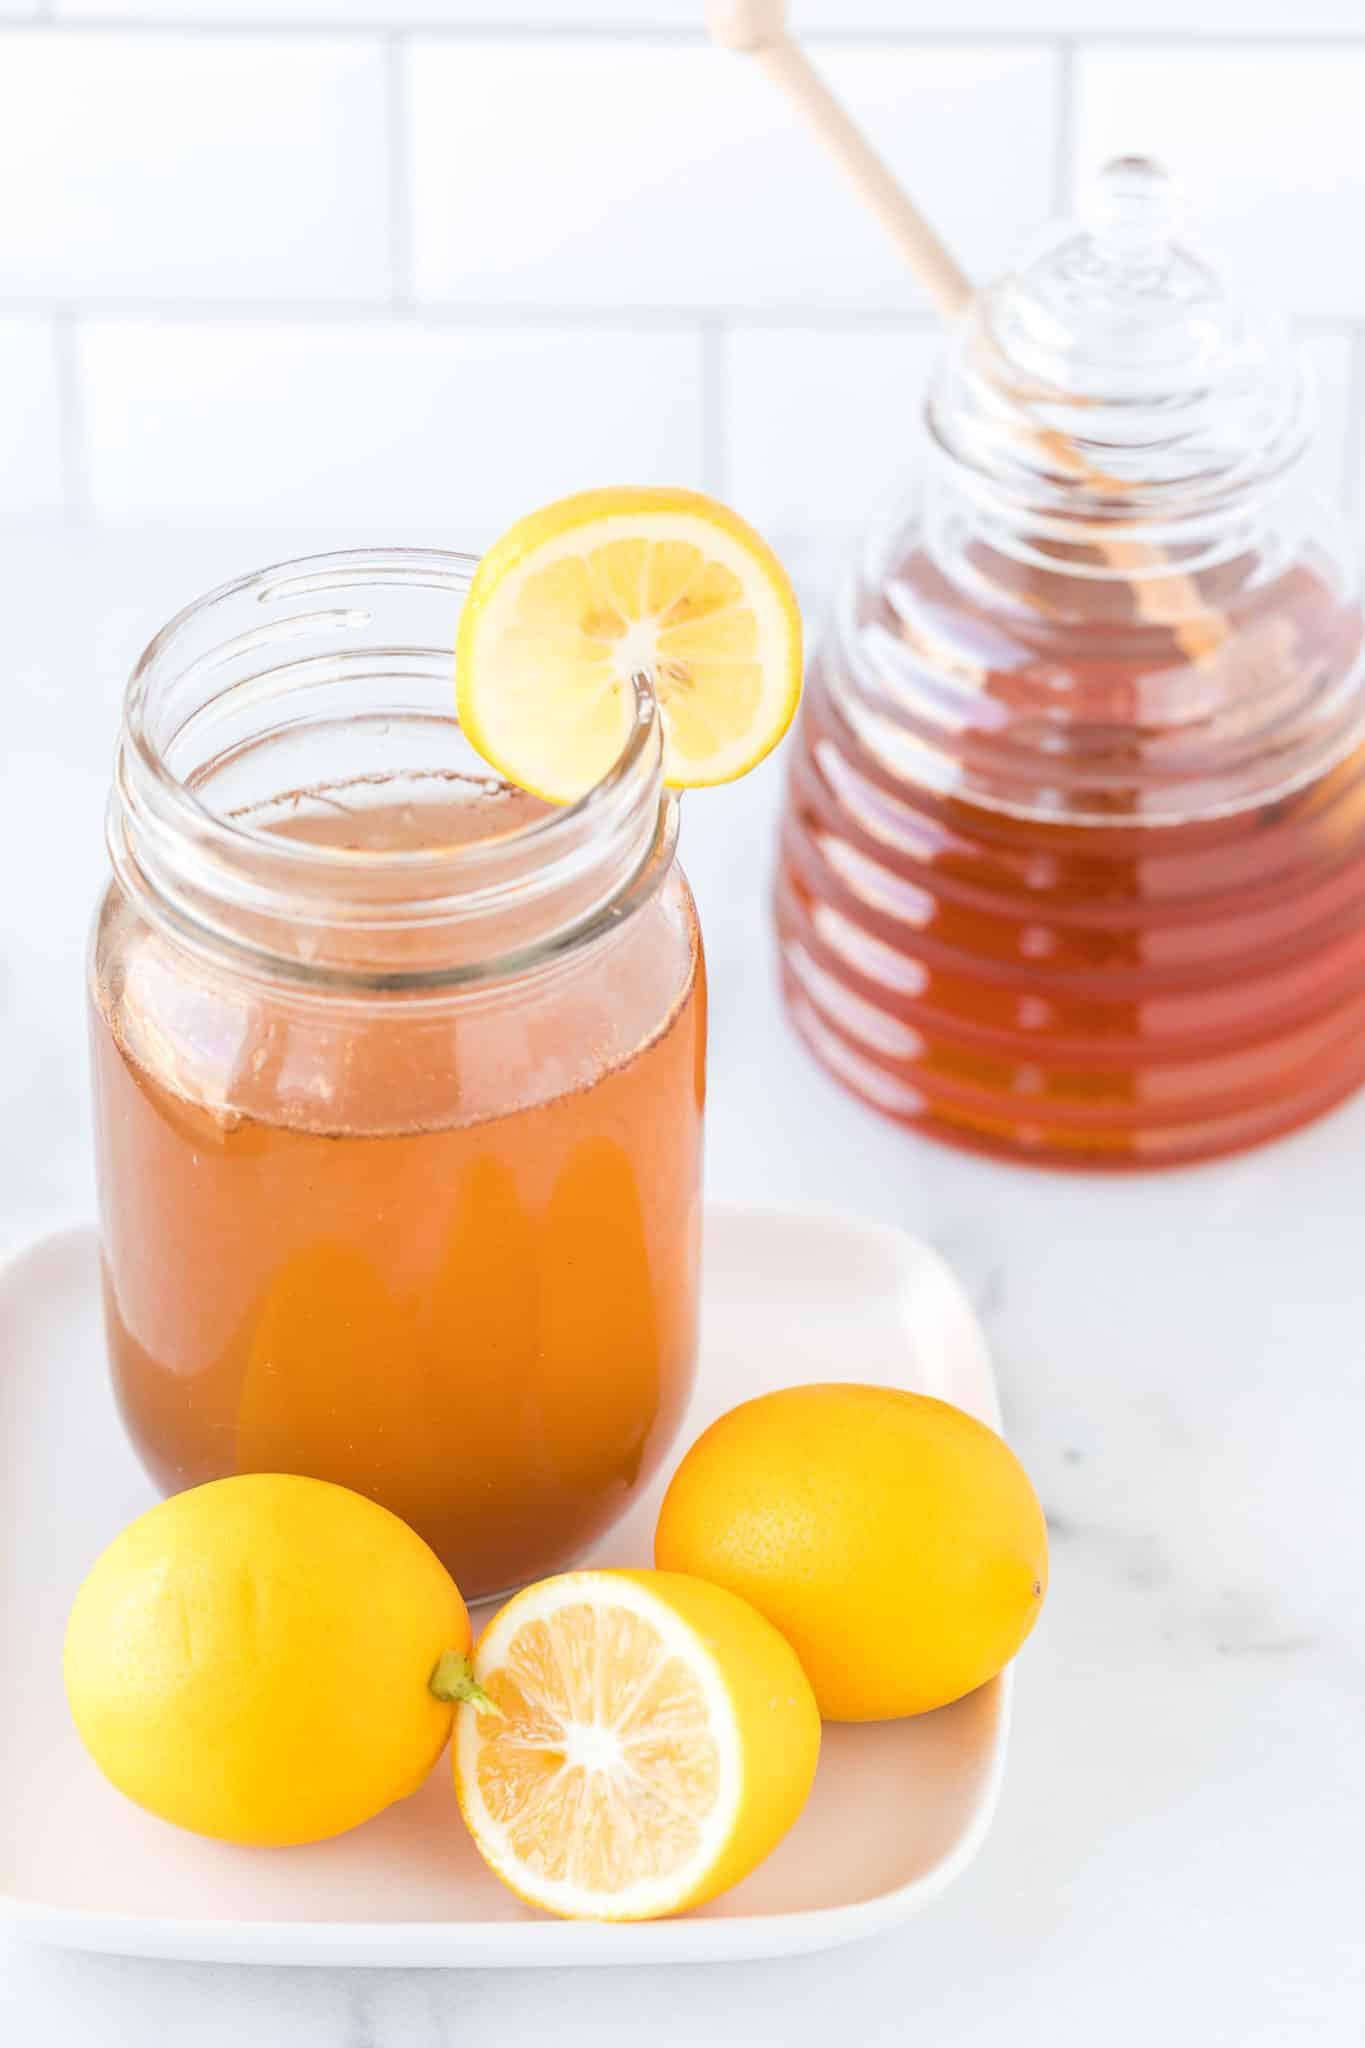 mug filed with lemon cinnamon water on a plate with fresh lemon slices